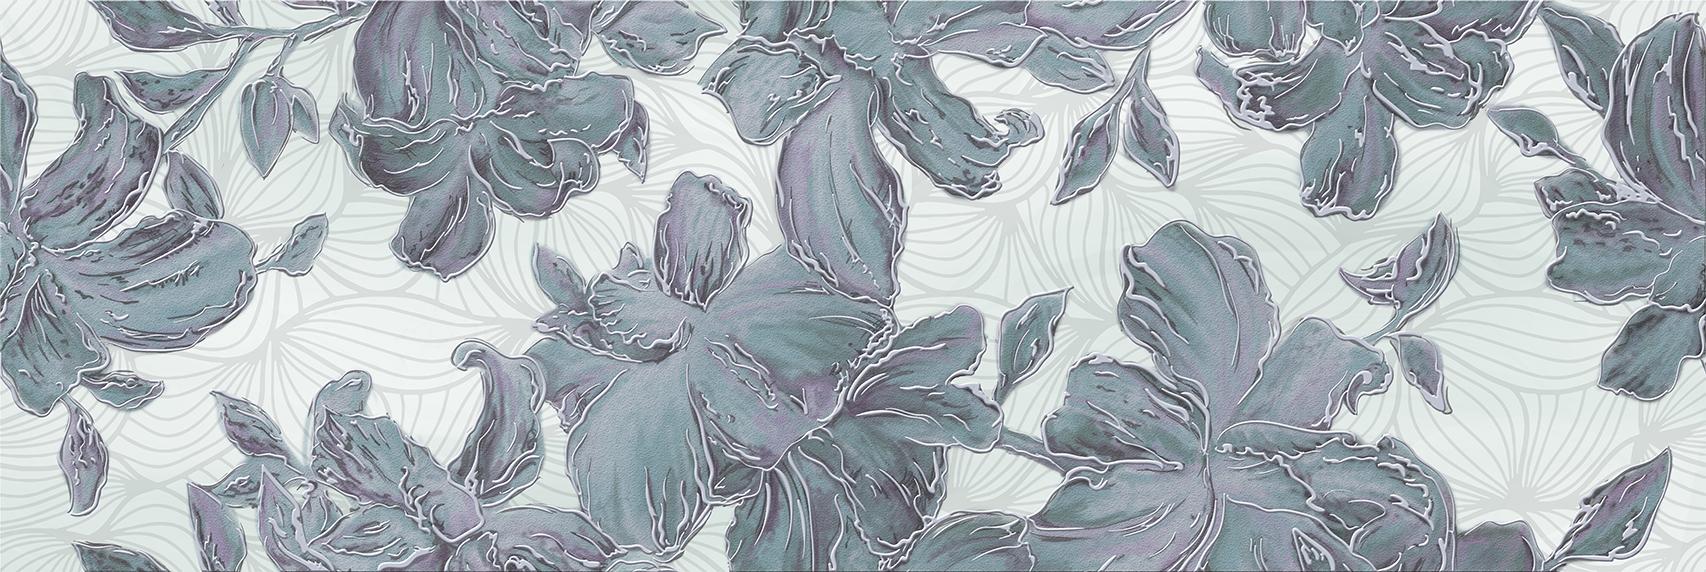 Купить Керамическая плитка AltaСera Hloya DW11HLA03 декор 20x60, Россия